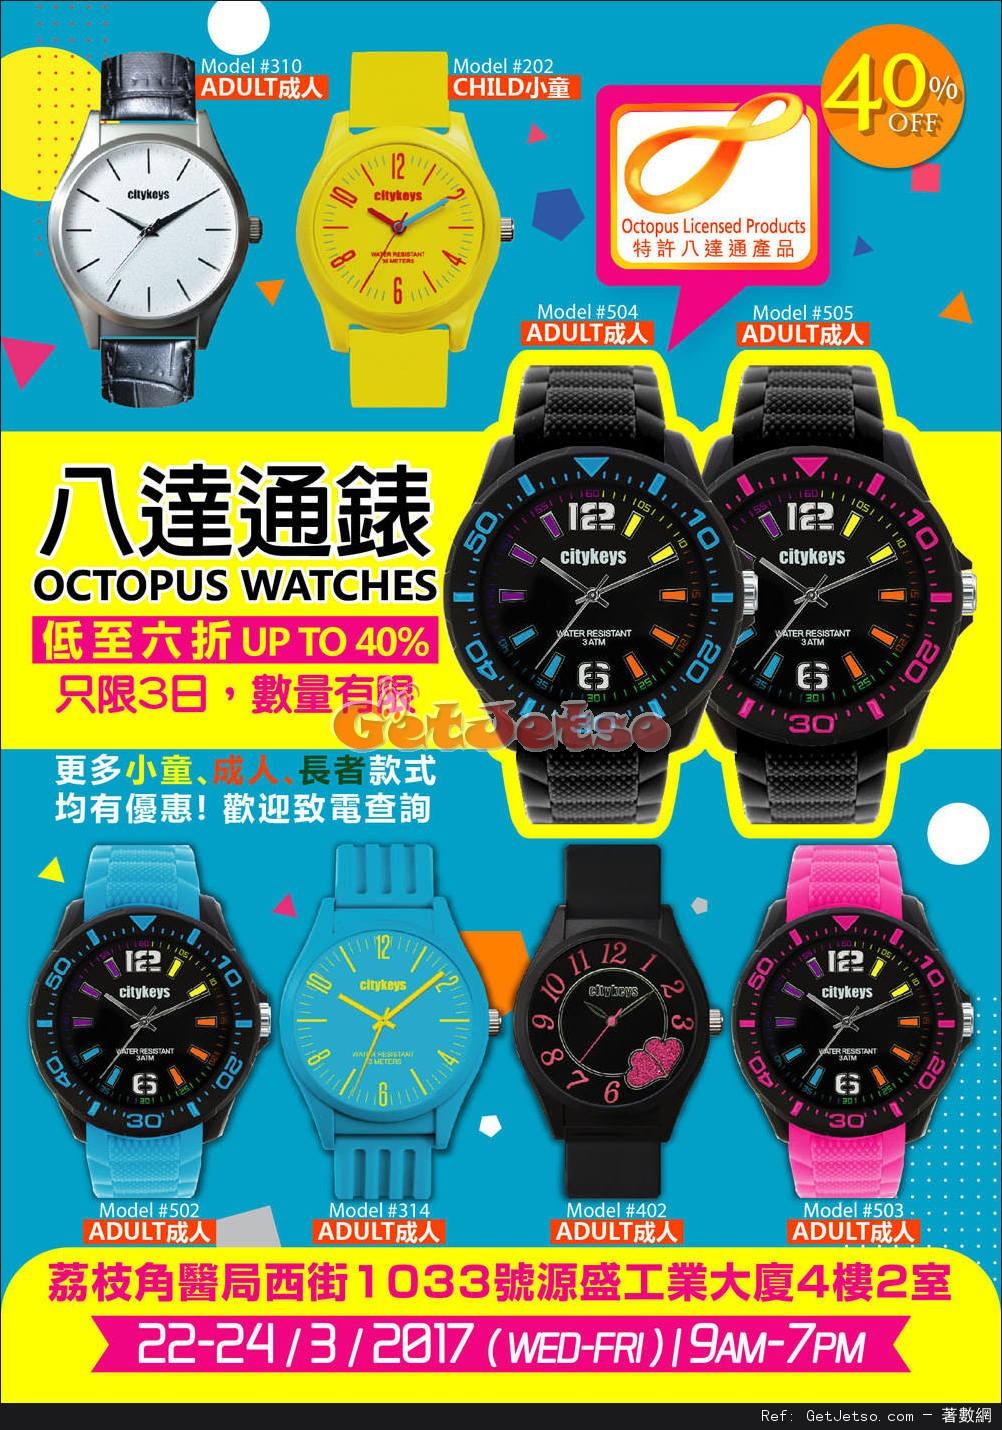 八達通錶低至6折購物優惠(17年3月22-24日)圖片1